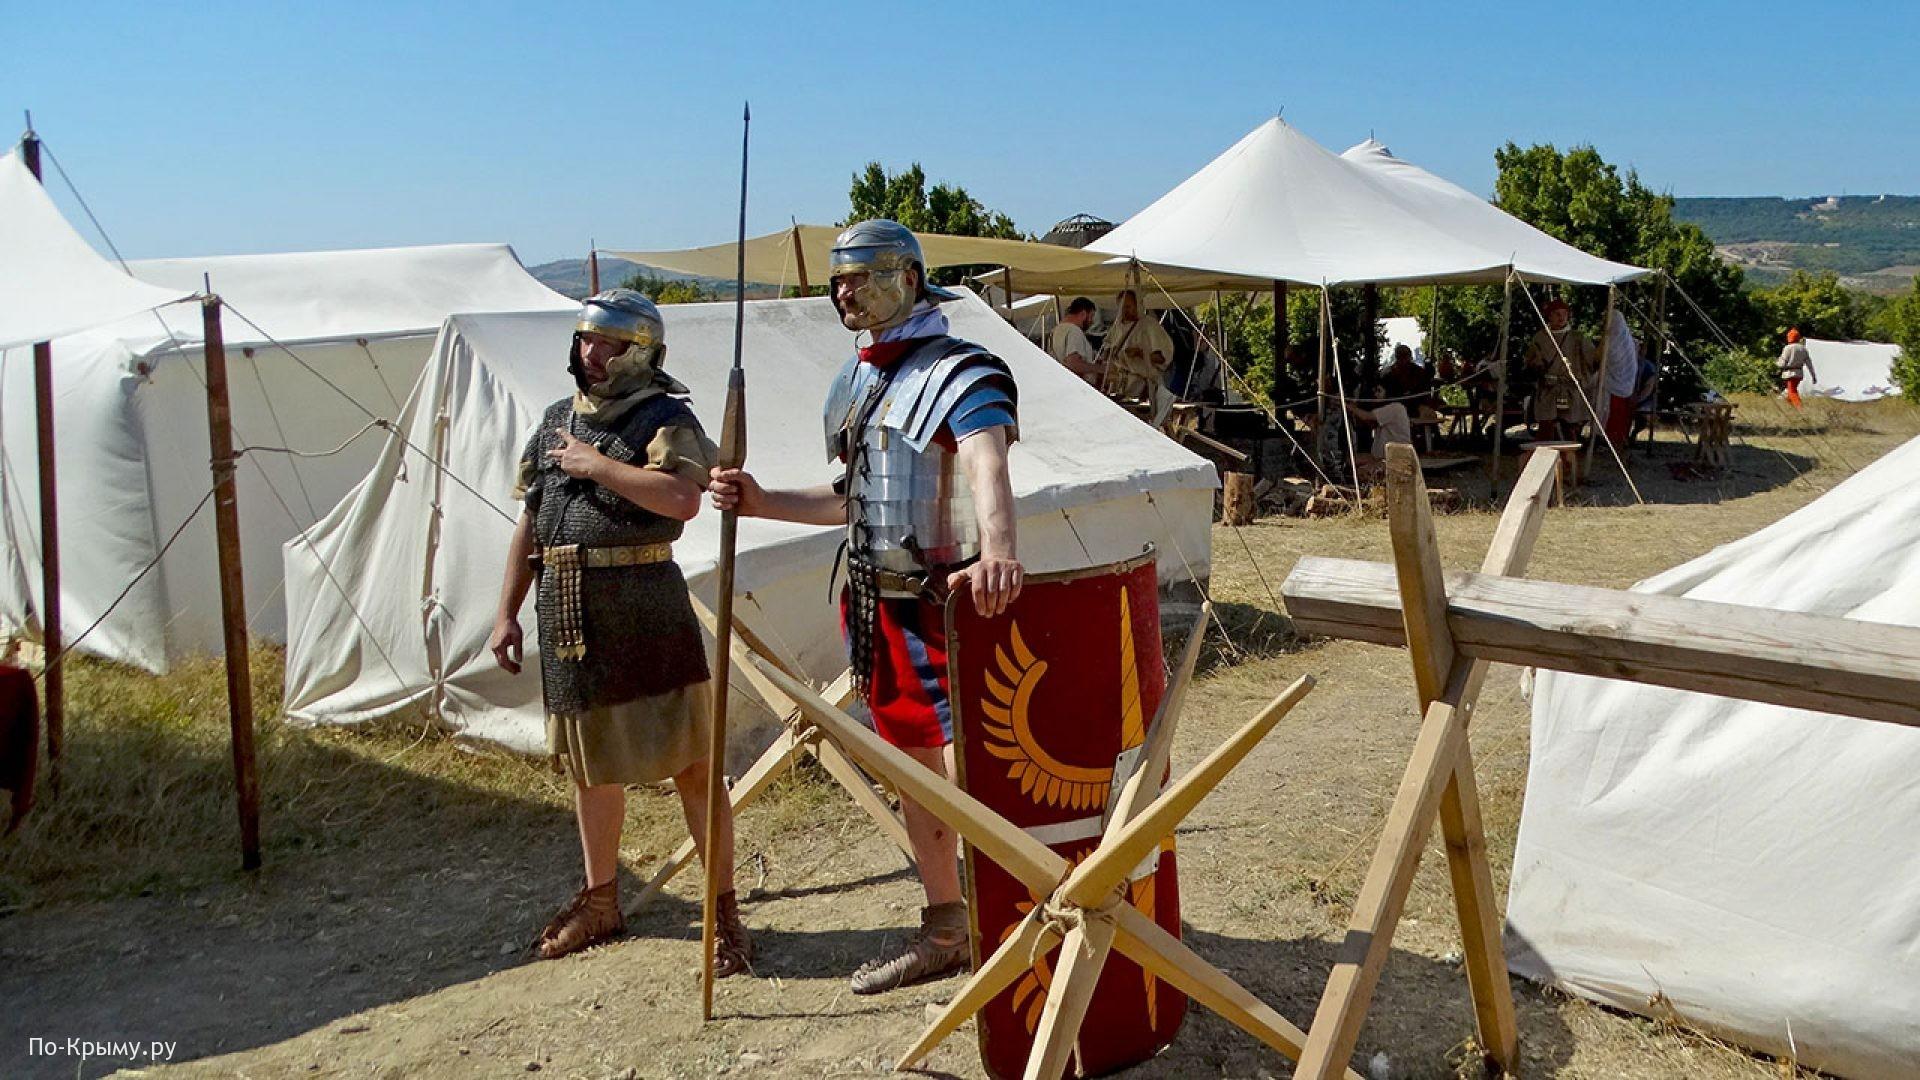 Севастополь, лагерь римских легионеров